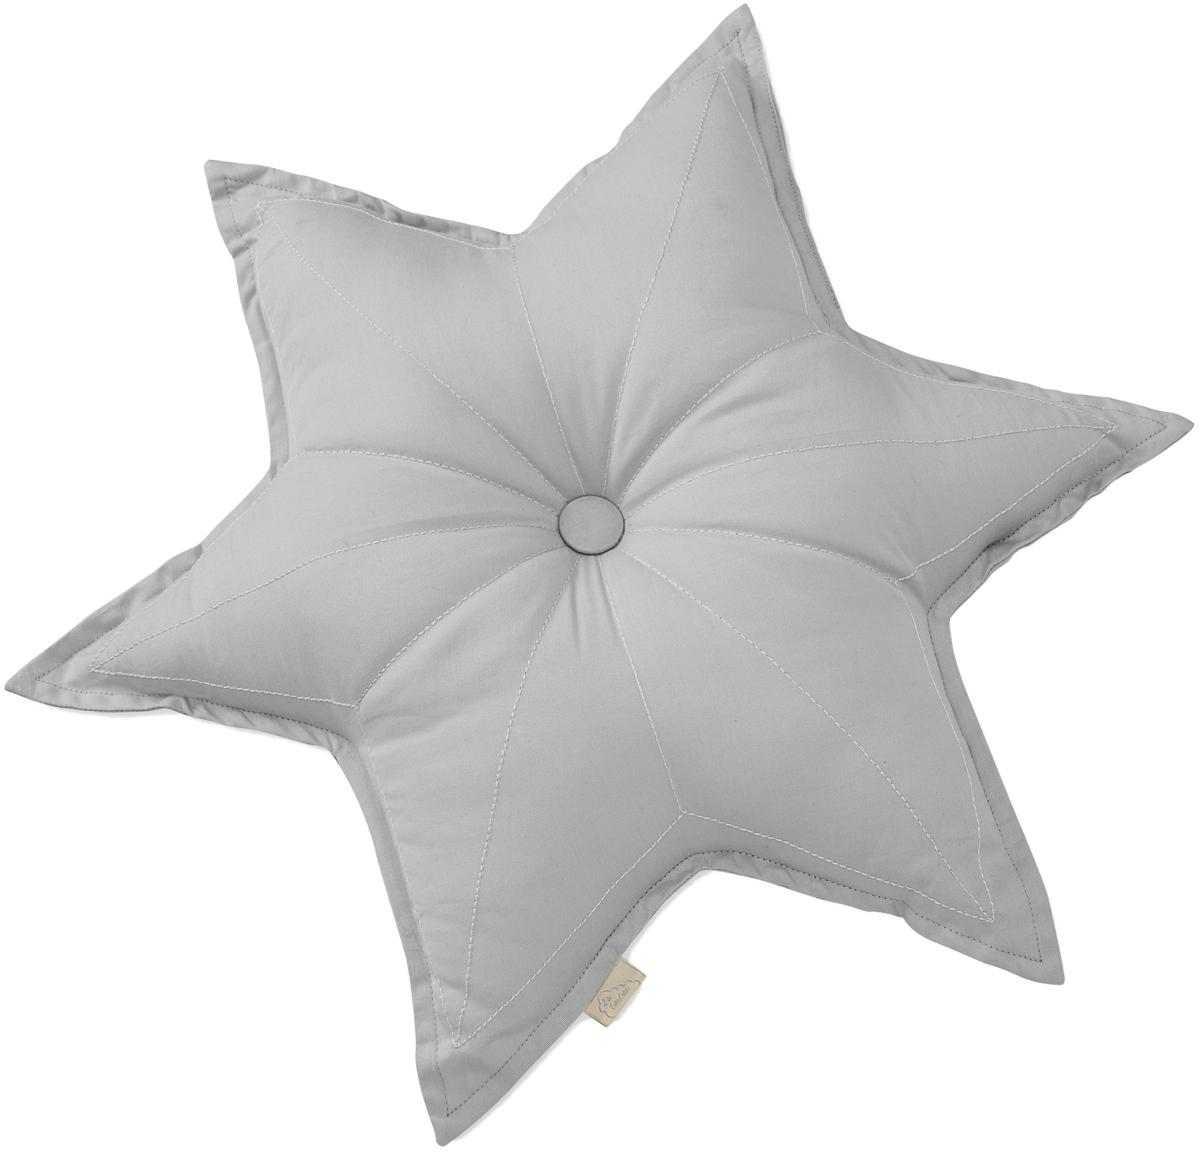 Cojín de algodón ecológico Star, con relleno, Exterior: algodón orgánico, Gris, An 45 x L 45 cm